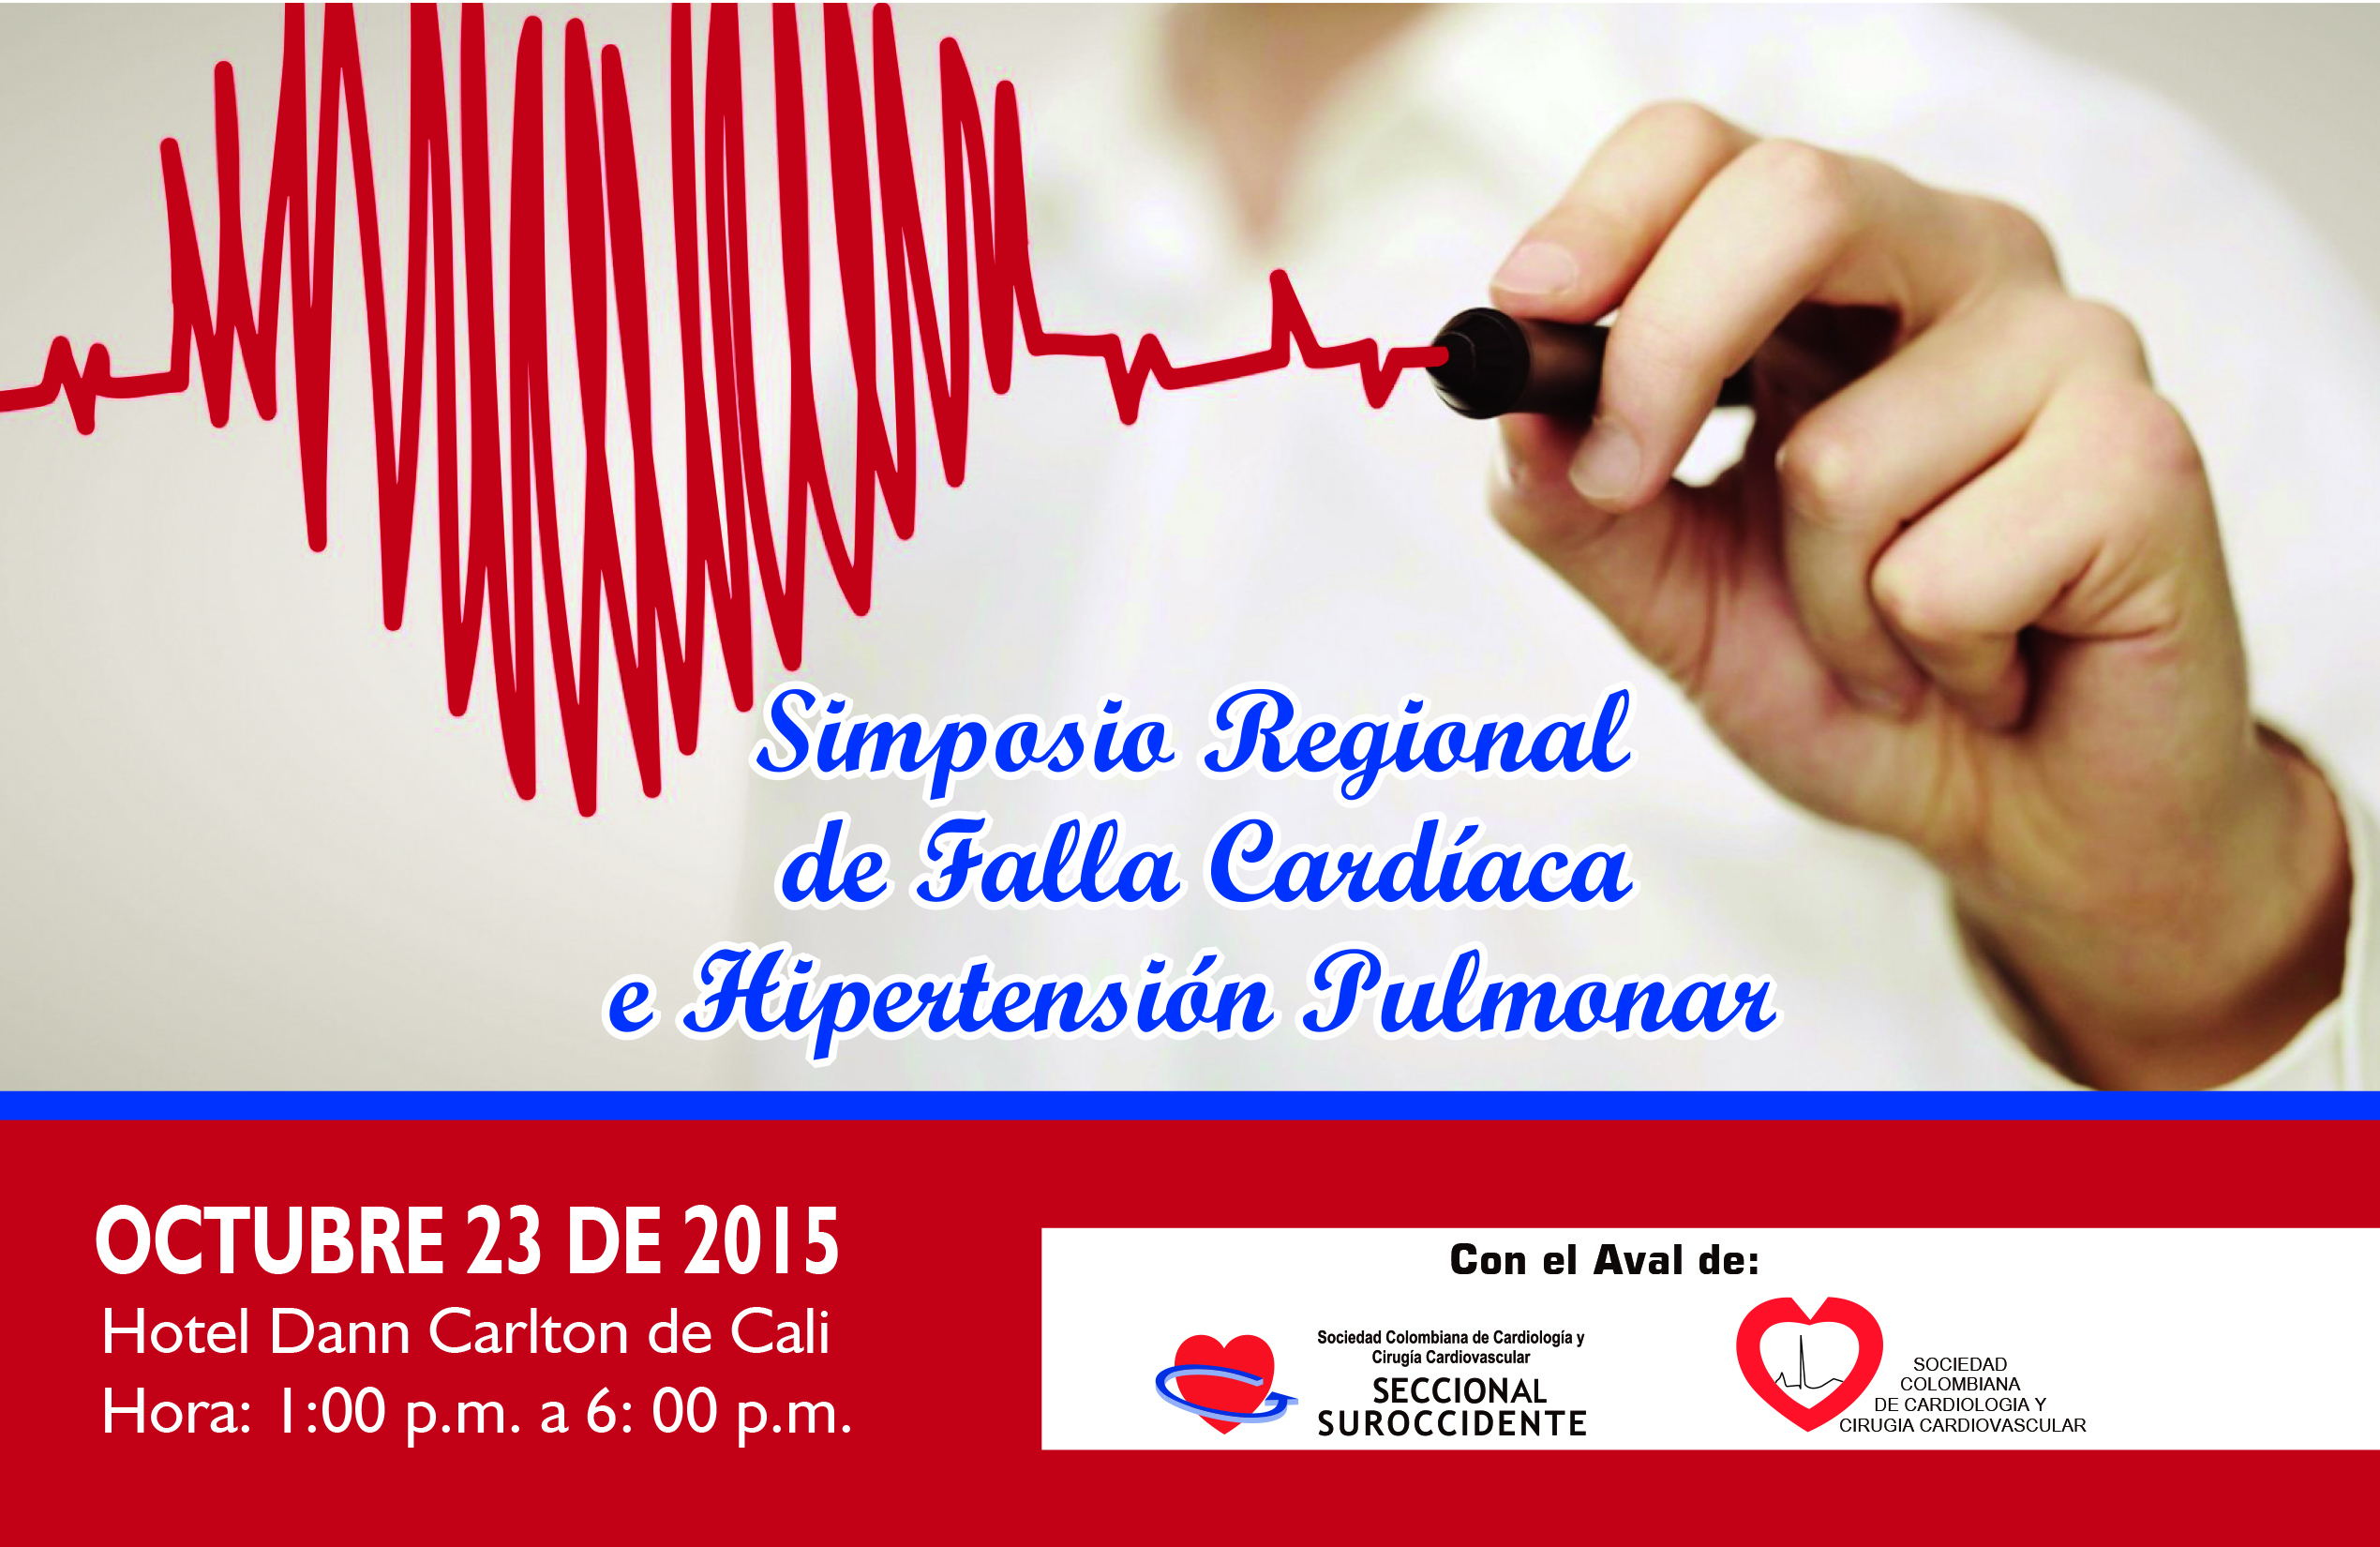 Simposio Regional de Falla Cardíaca e Hipertensión Pulmonar  @ Hotel Dann Carlton de Cali